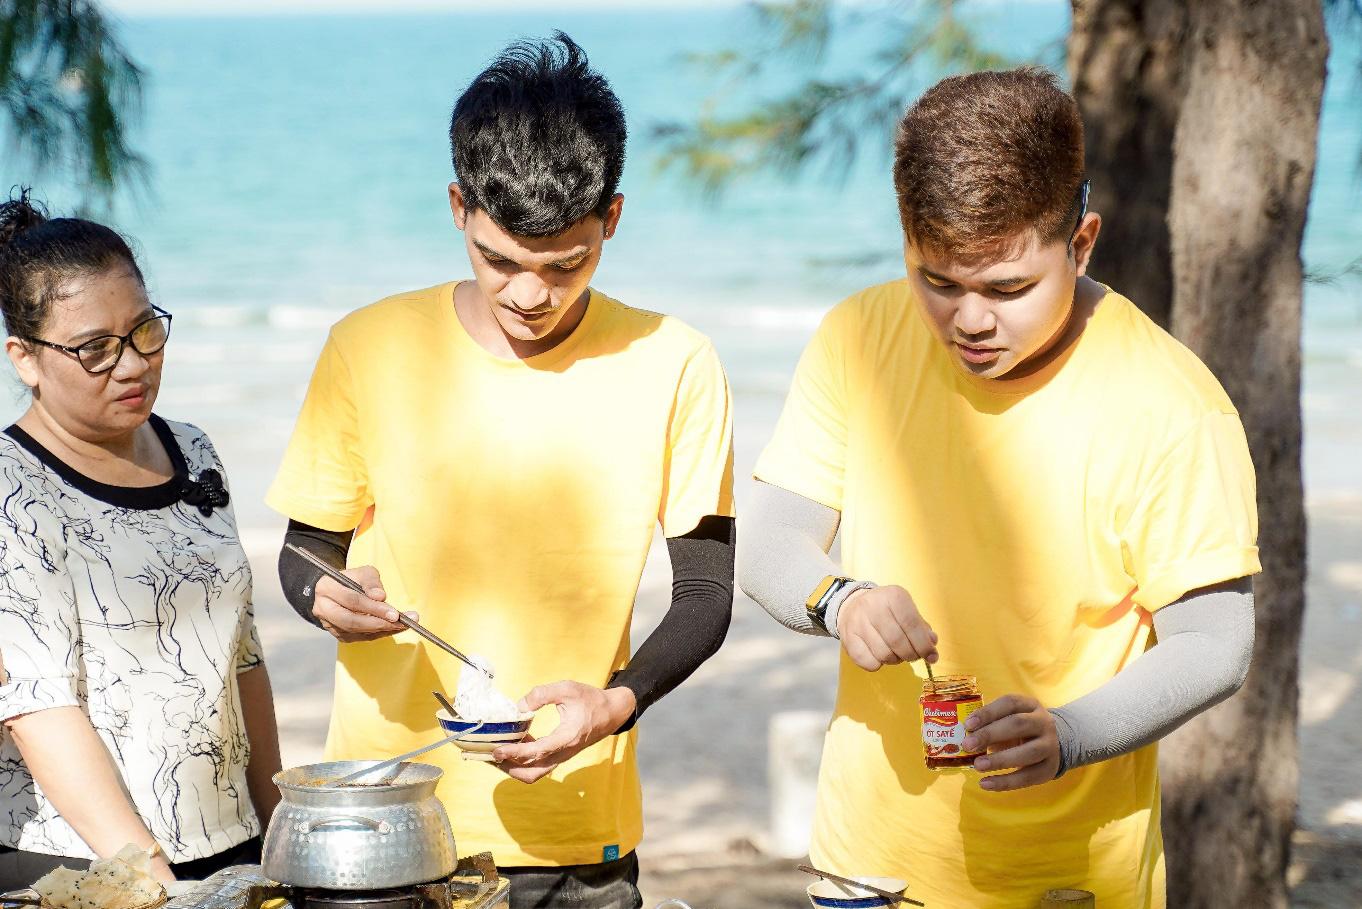 Mạc Văn Khoa cùng dàn nghệ sĩ học bí quyết làm gỏi sứa - lẩu sứa Bình Định ngon đúng điệu - Ảnh 3.